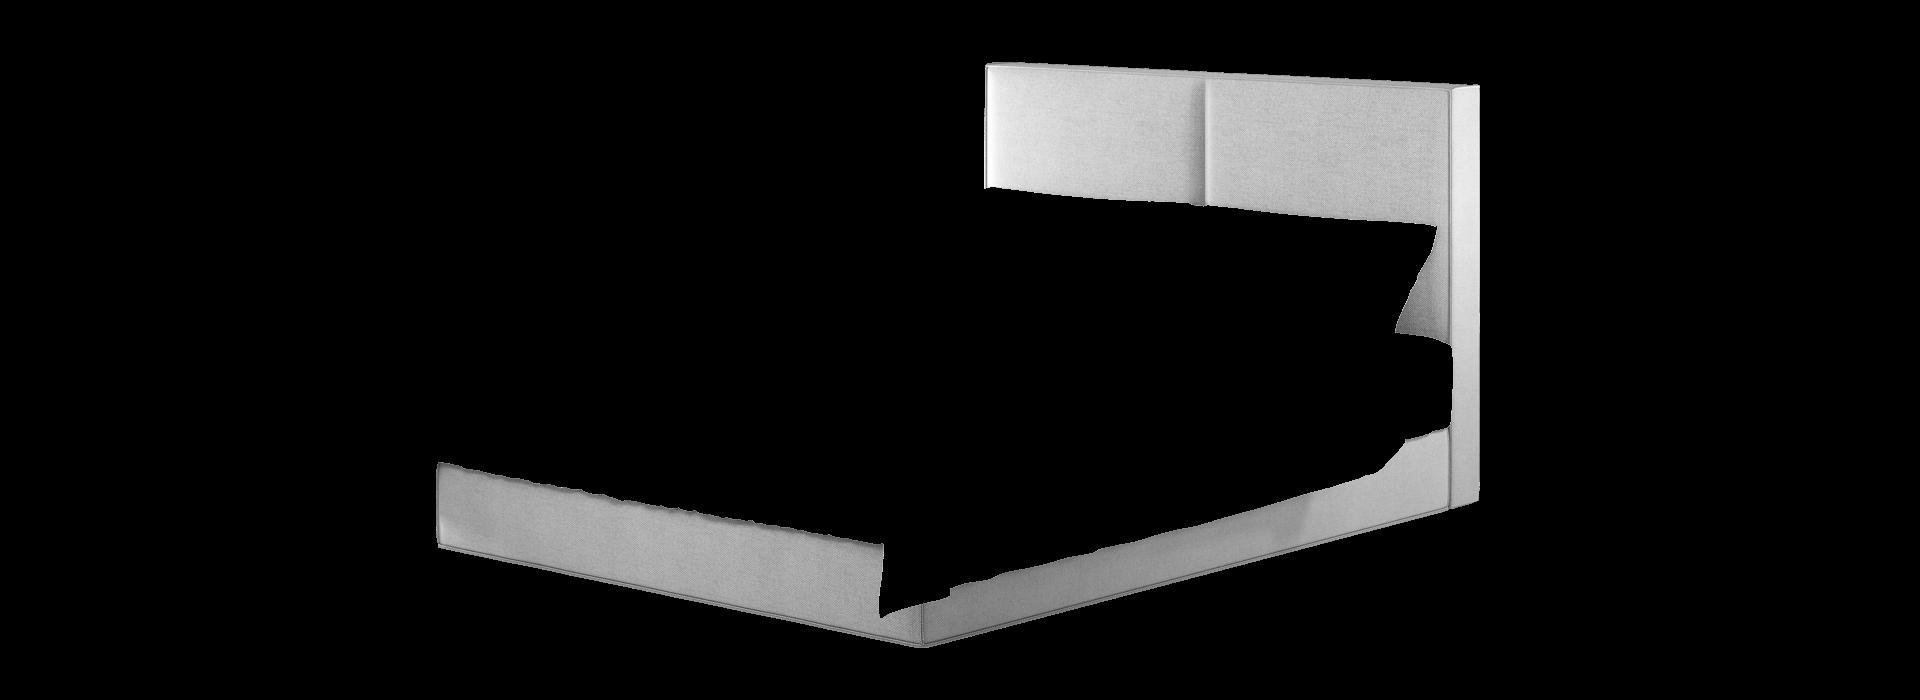 Фрея 1.6 ліжко з підйомником - маска 6